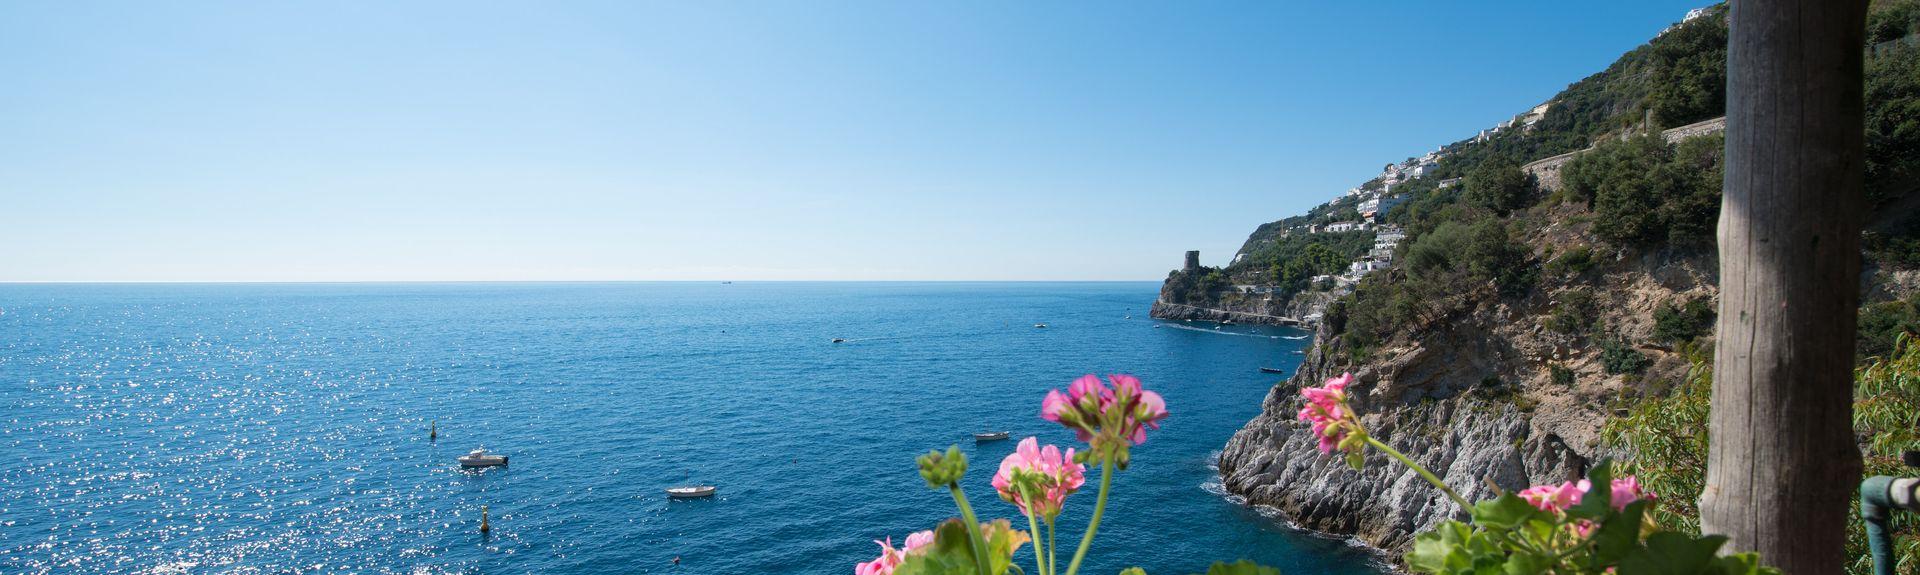 Spiaggia Grande, Positano, Campanie, Italie